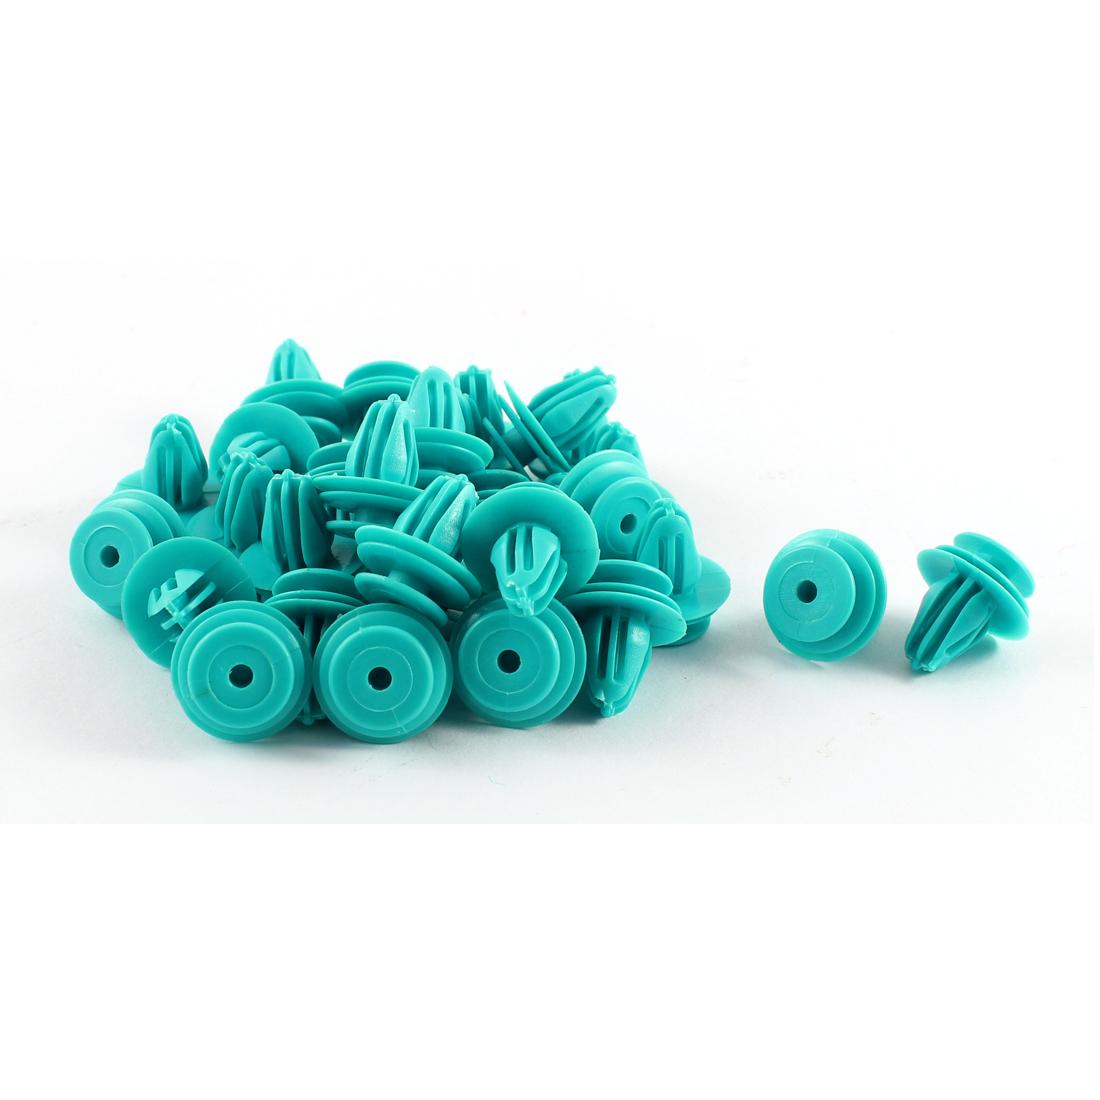 30 Pcs Blue Plastic Splash Guard Fastener Rivet Clips 9mm x 13mm x 17mm